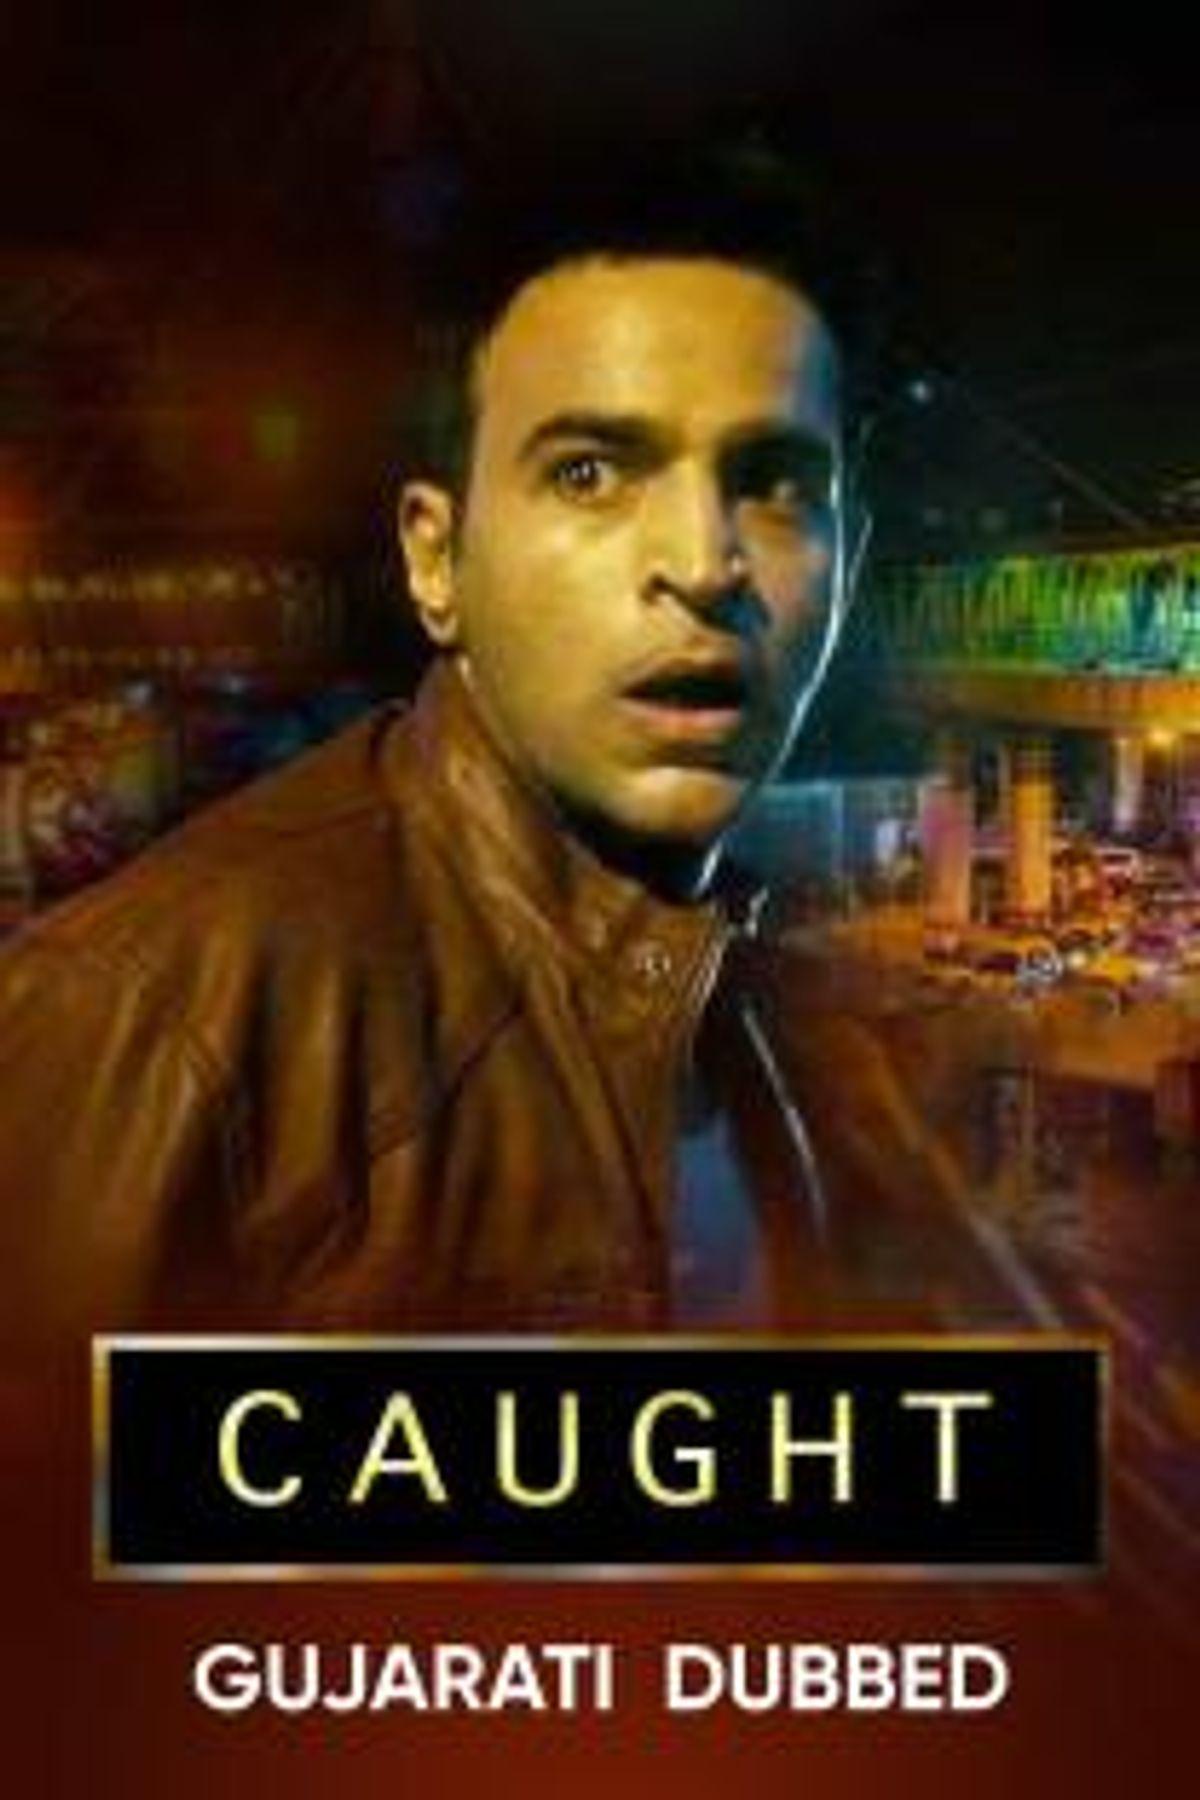 Caught (Gujarati Dubbed)